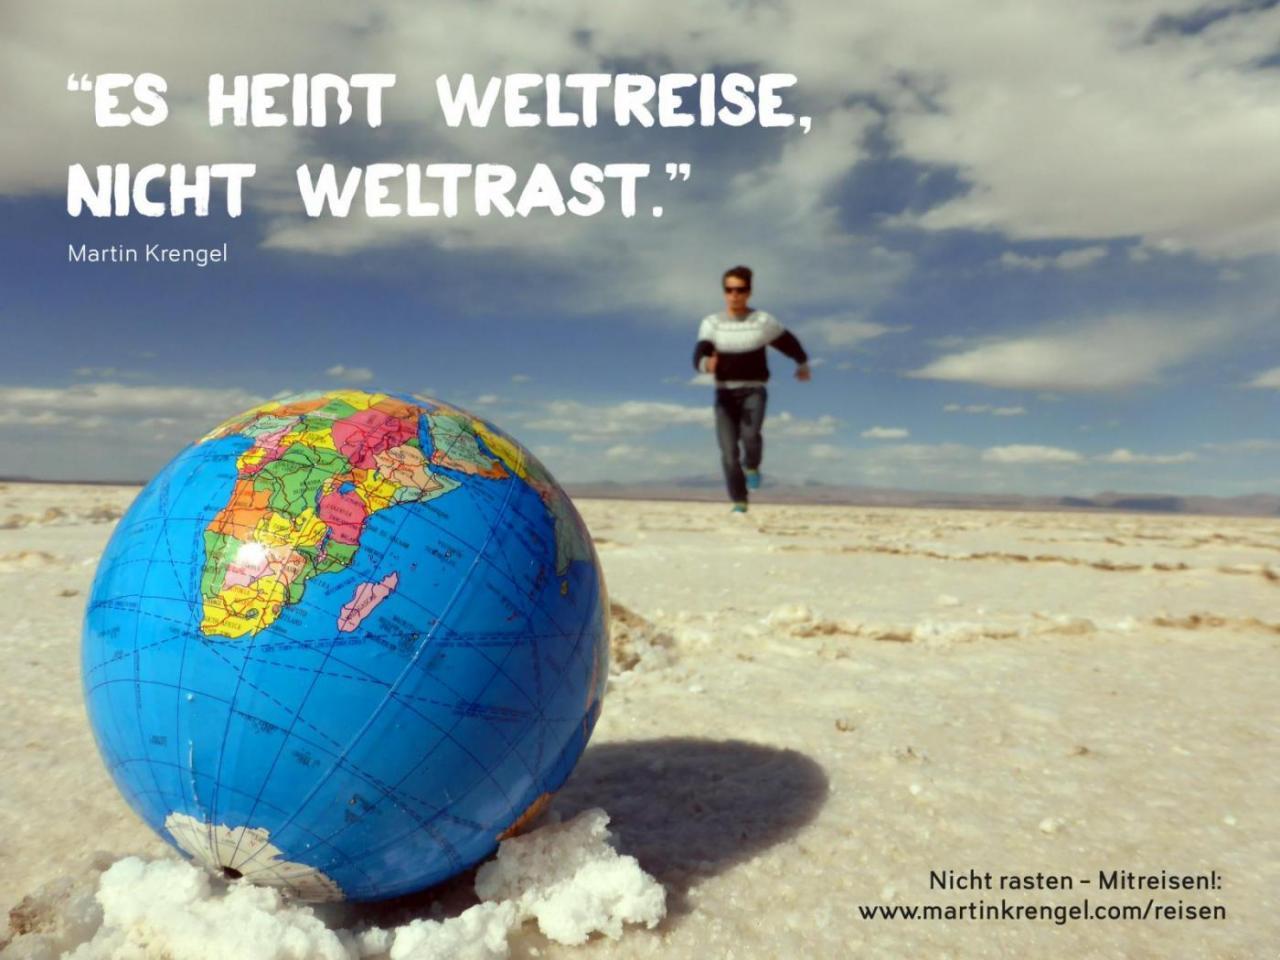 Lustige Spruche Und Bilder Ubers Reisen Urlaubsspruche Und Travel